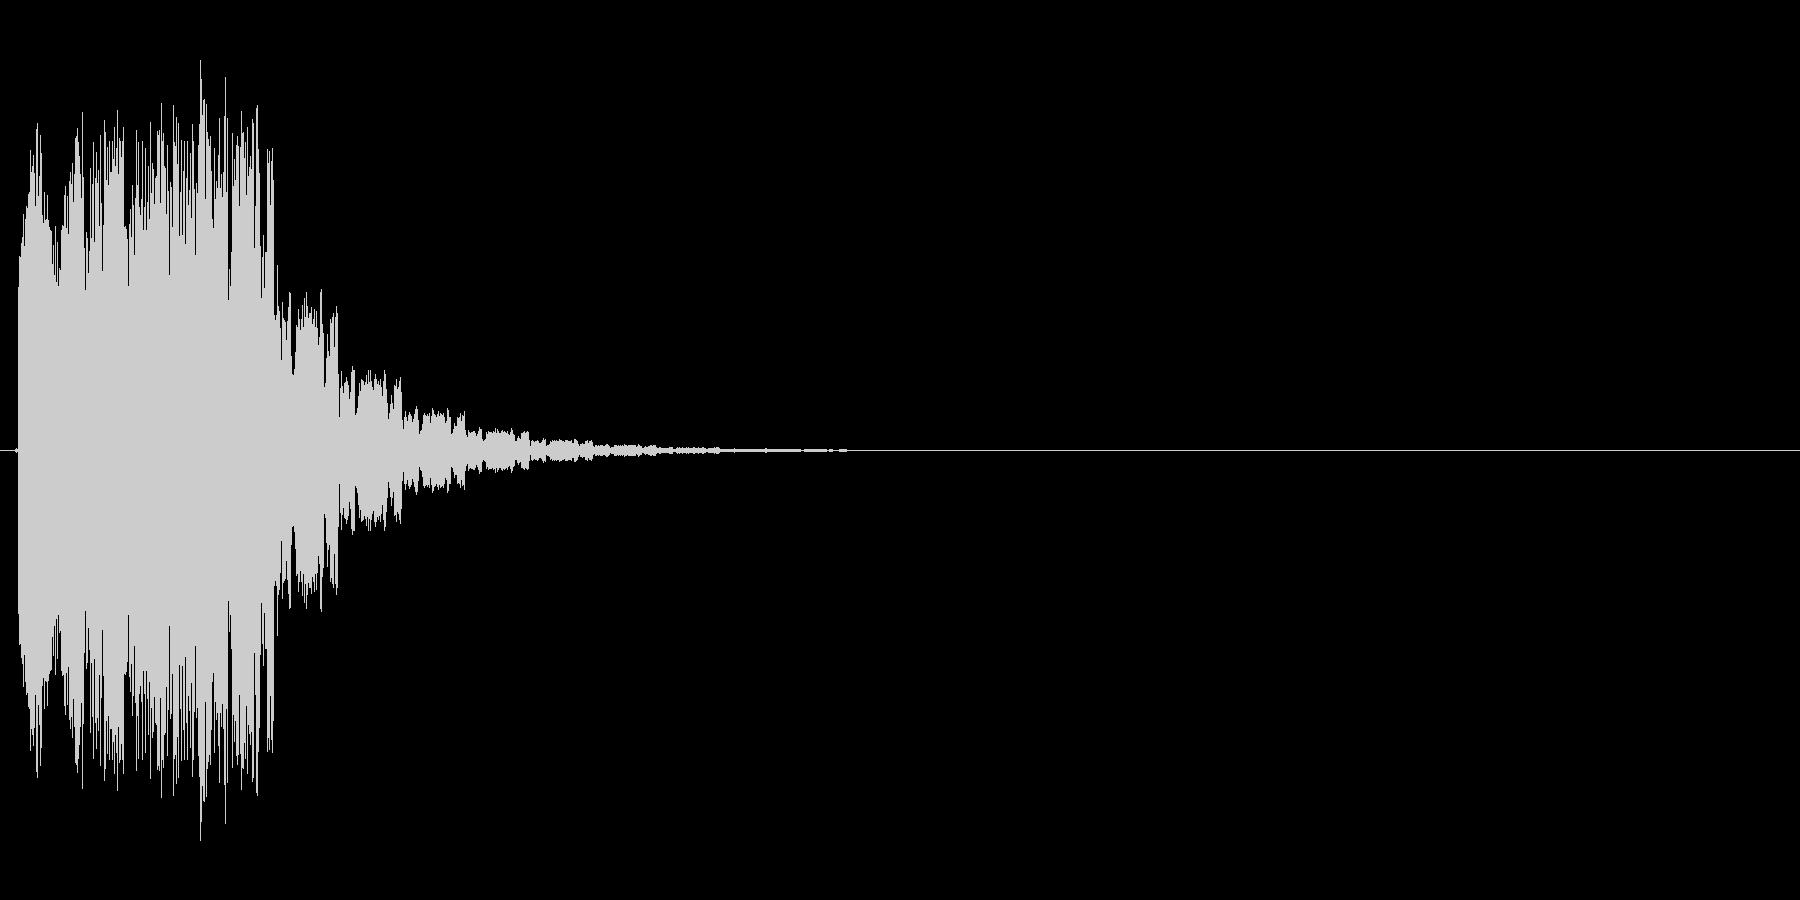 シューン↓(場面転換、ワープ、次の場面)の未再生の波形